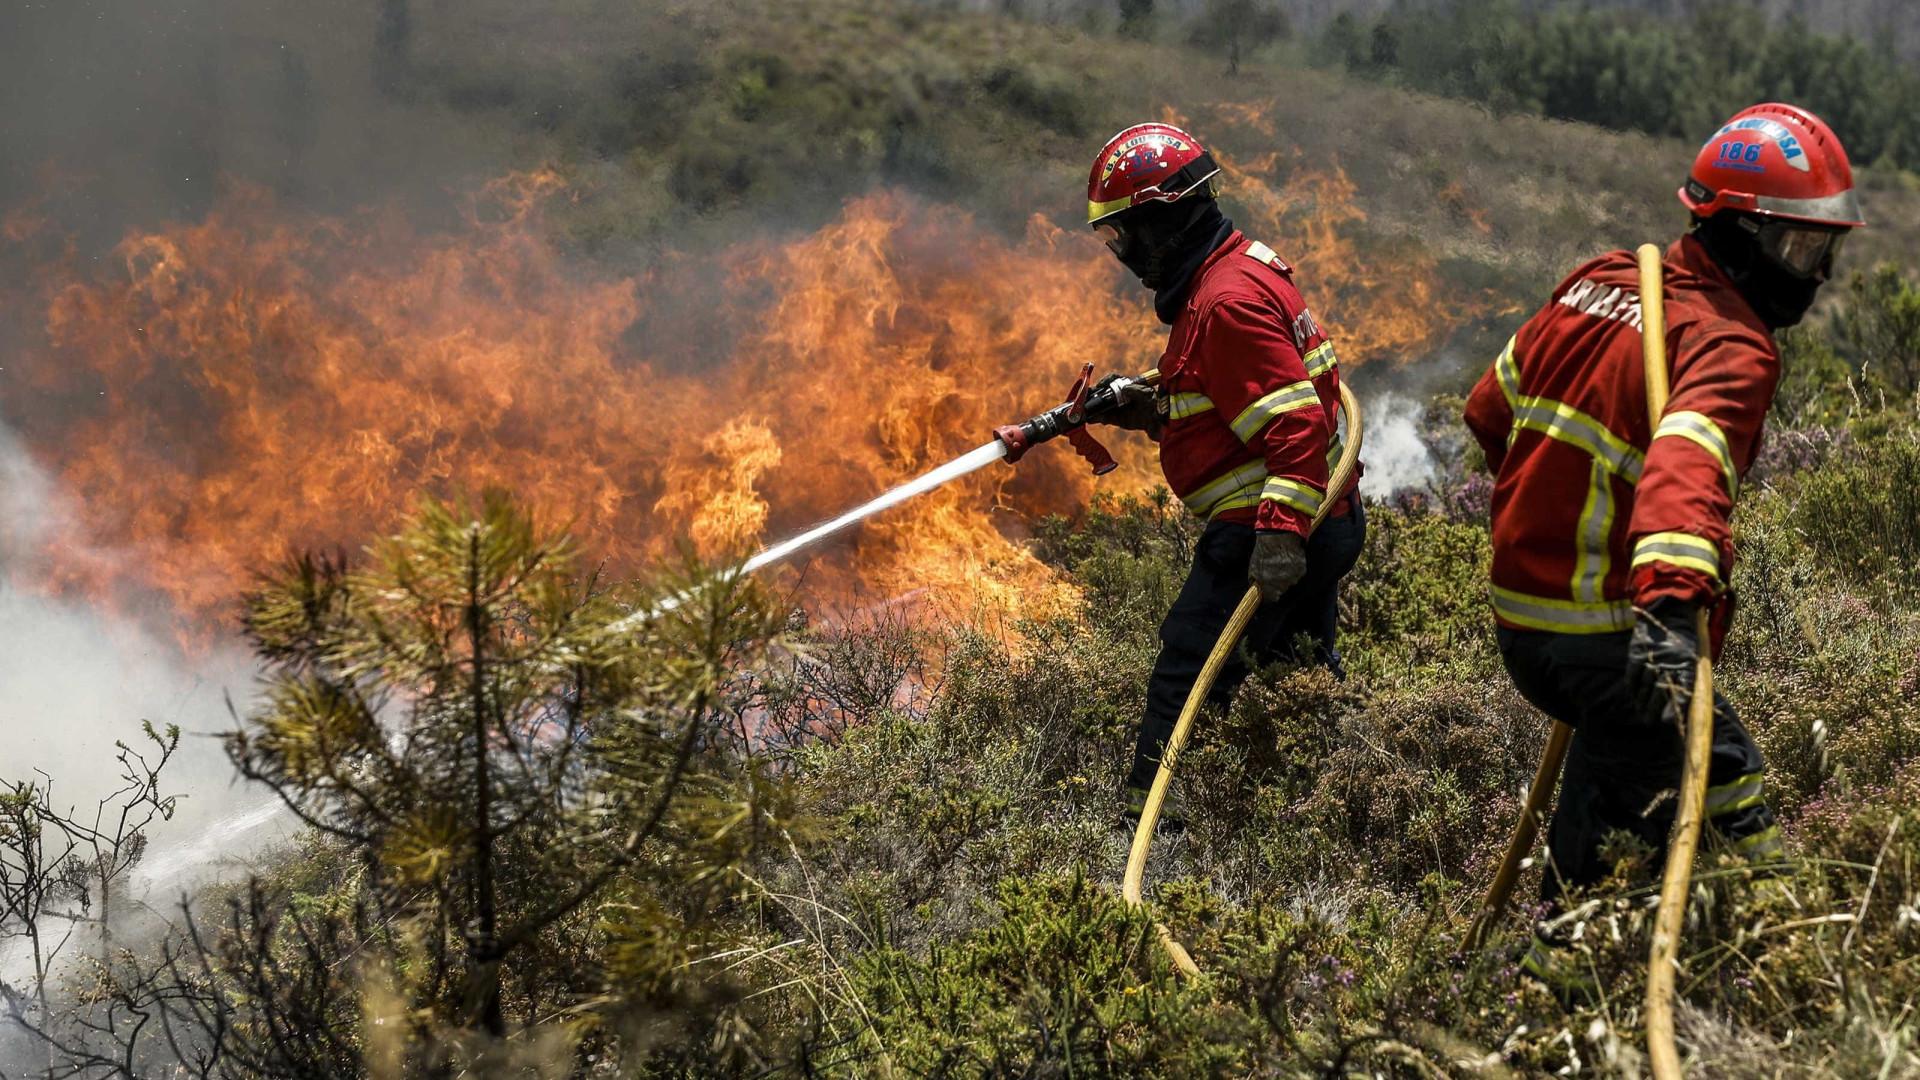 Alijó e Mangualde, com mais de 650 bombeiros, são os maiores fogos ativos